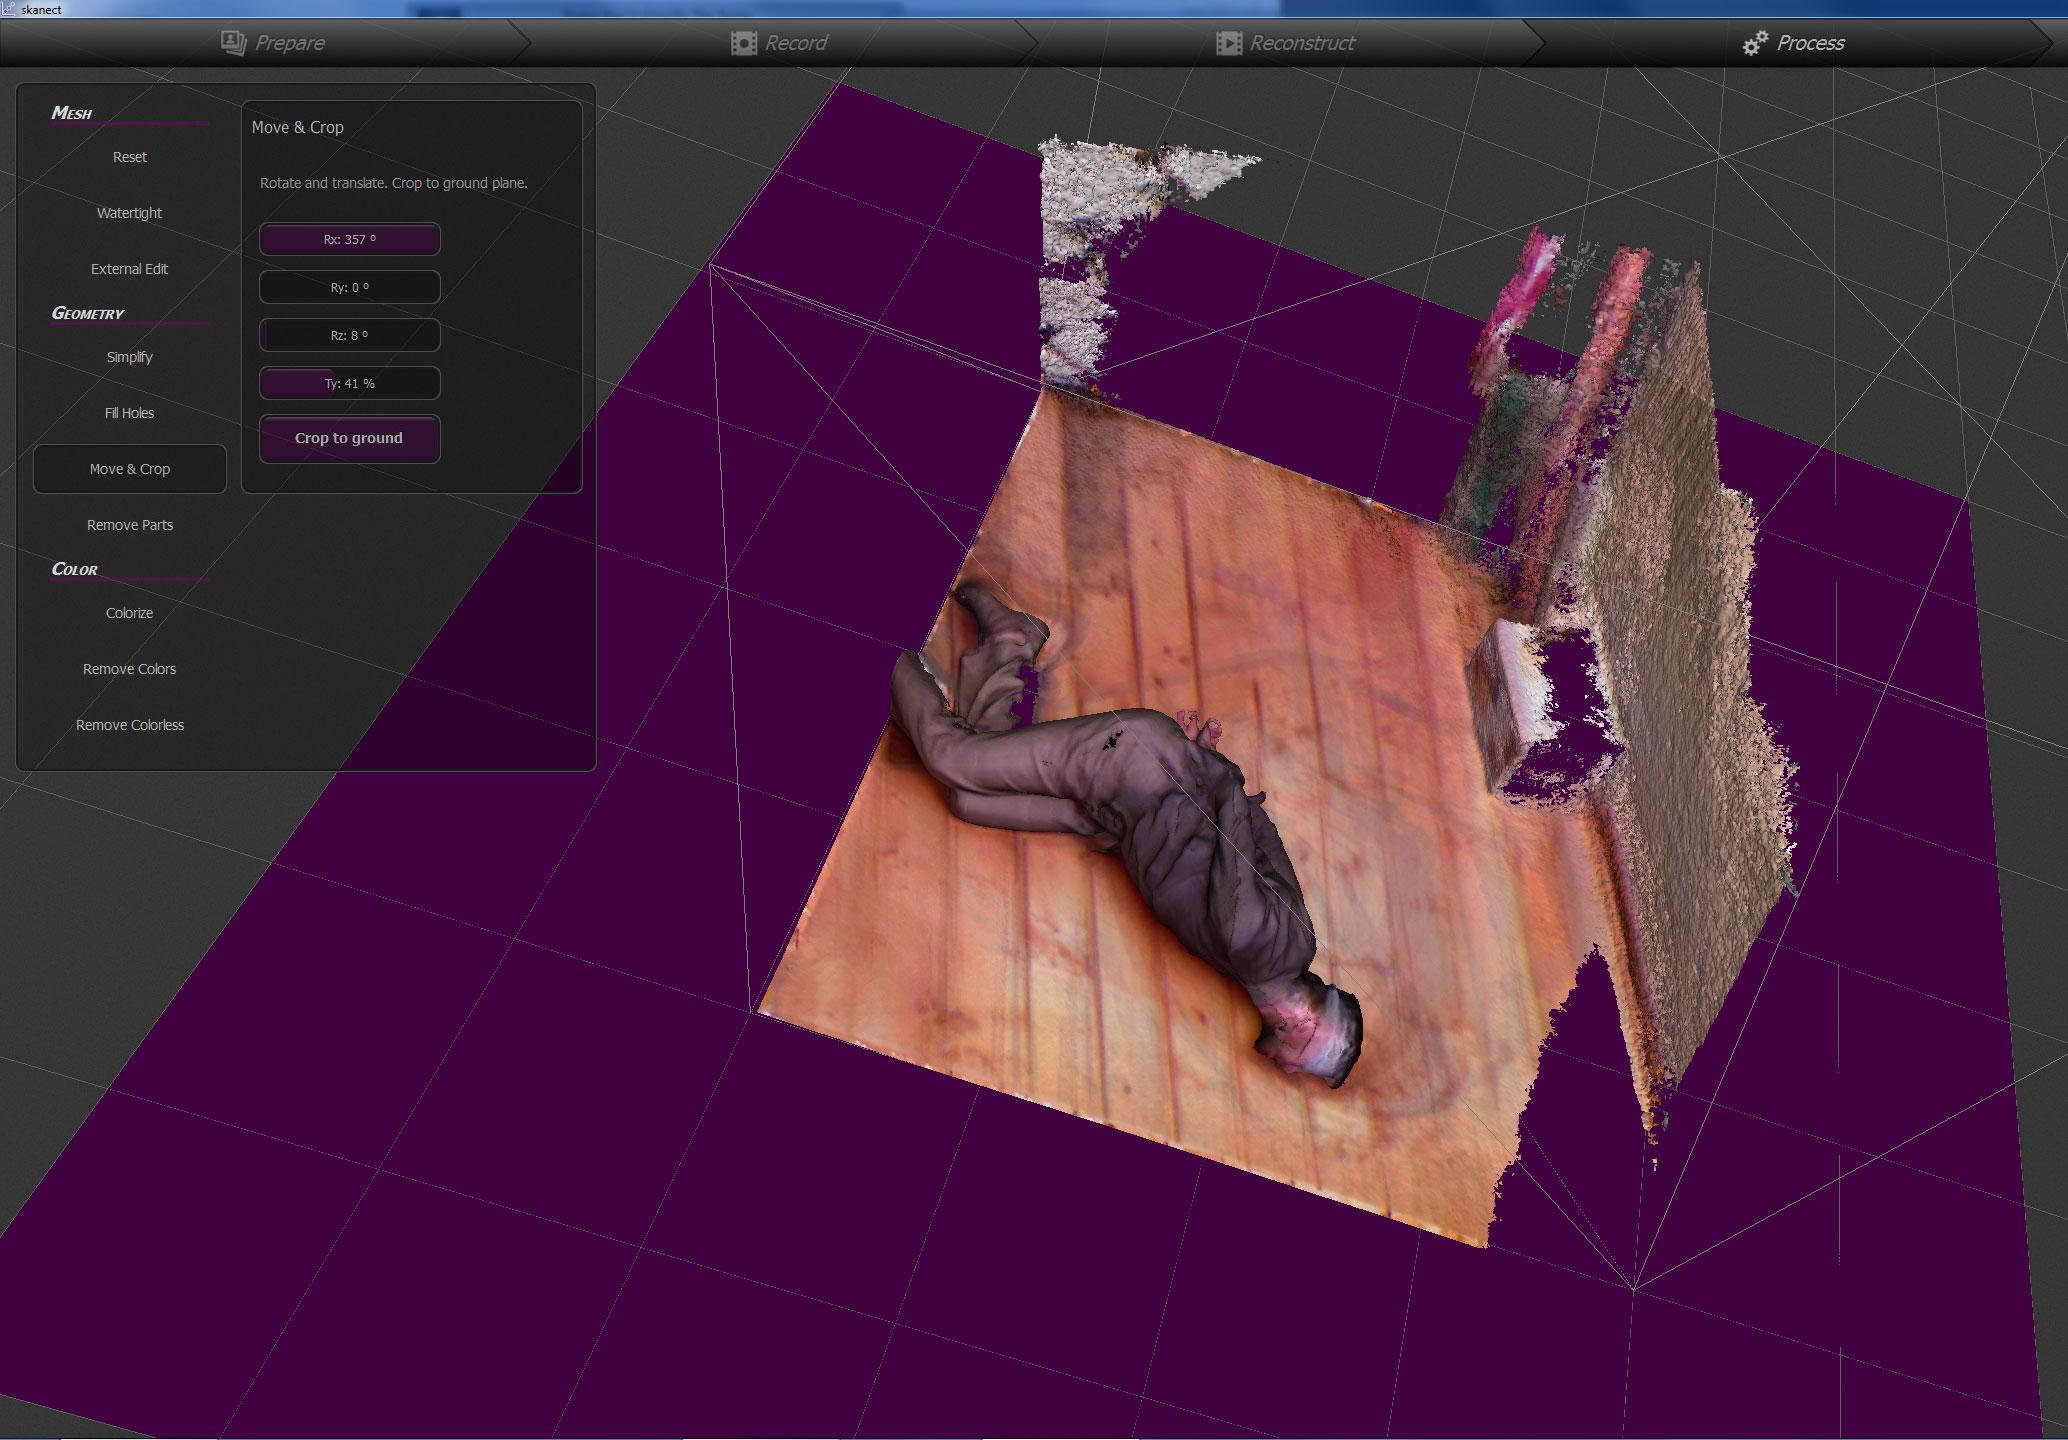 bodyOnGroundScan2.jpg